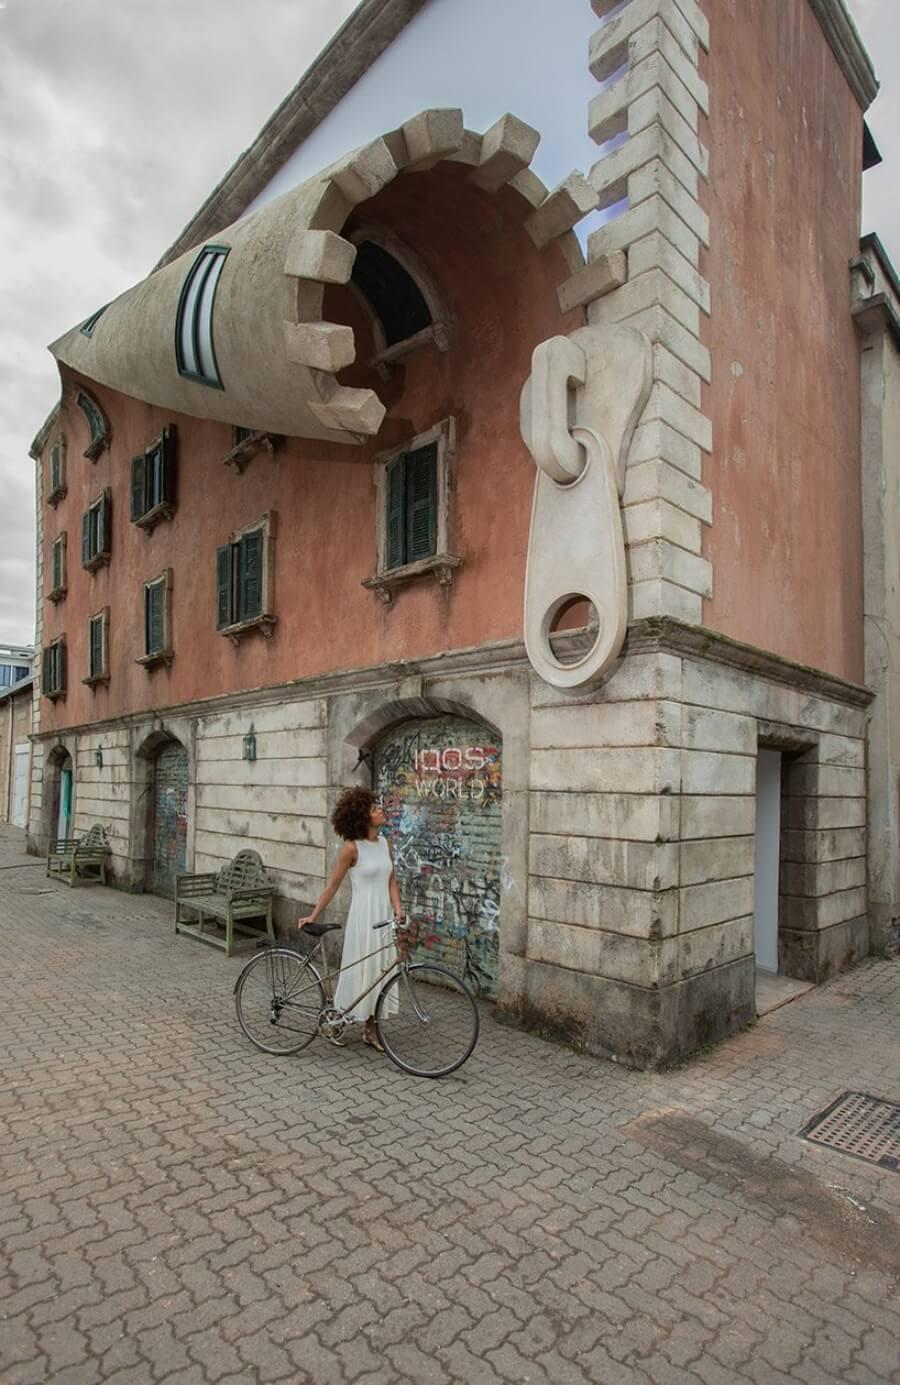 Alex Chinneck nos vuelve a sorprender con su instalación en Milán